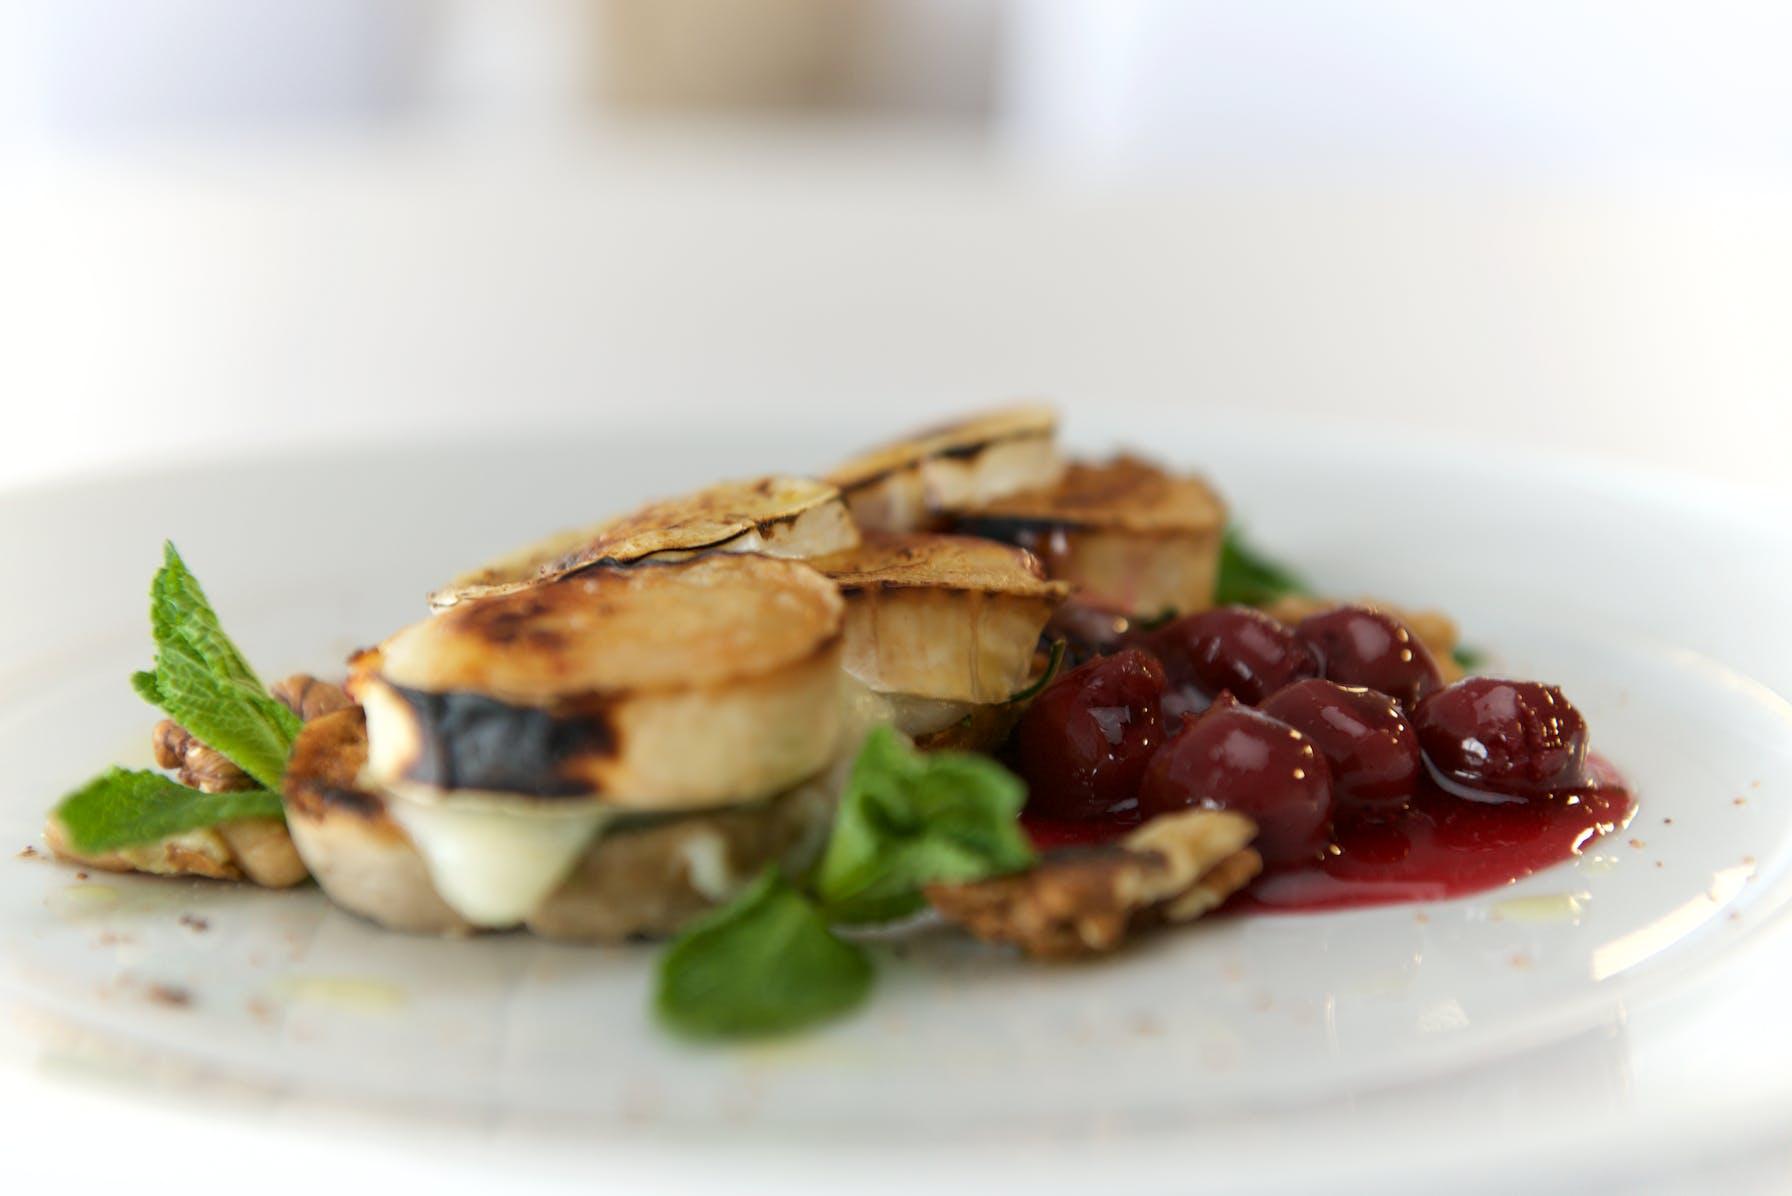 epikurejski, fotografia kulinarna, jedzenie